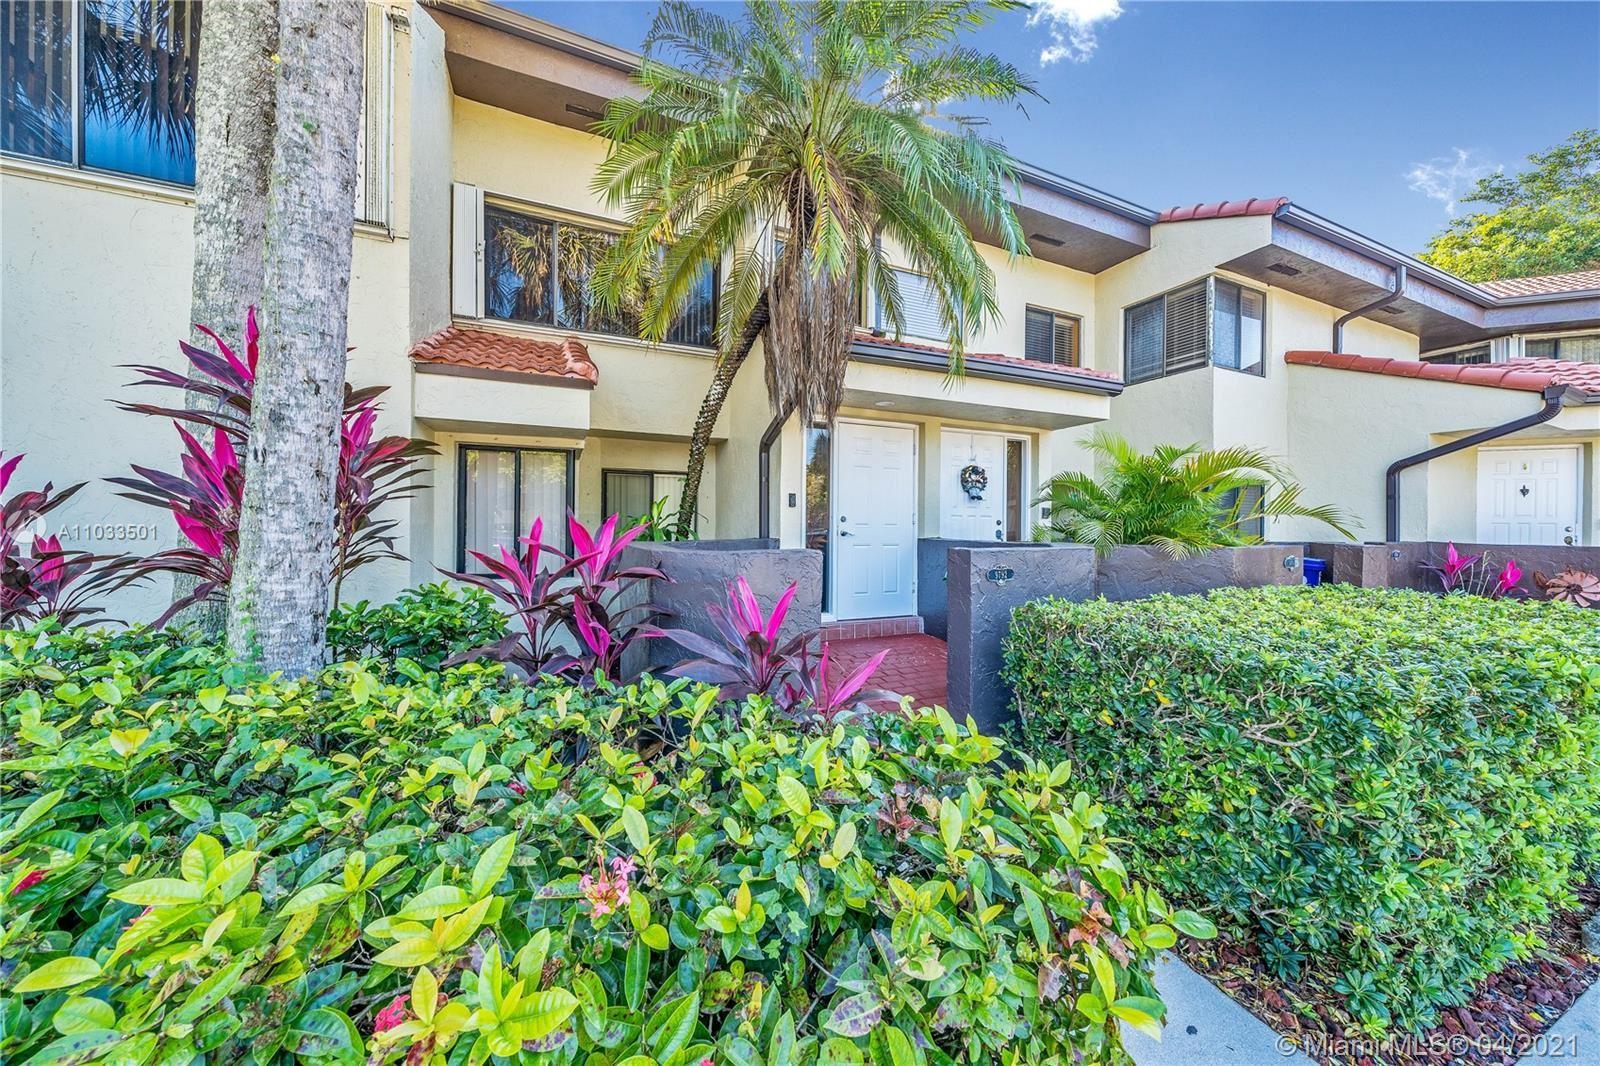 9792 SW 138th Ave. #AA2L, Miami, FL 33186 - #: A11033501